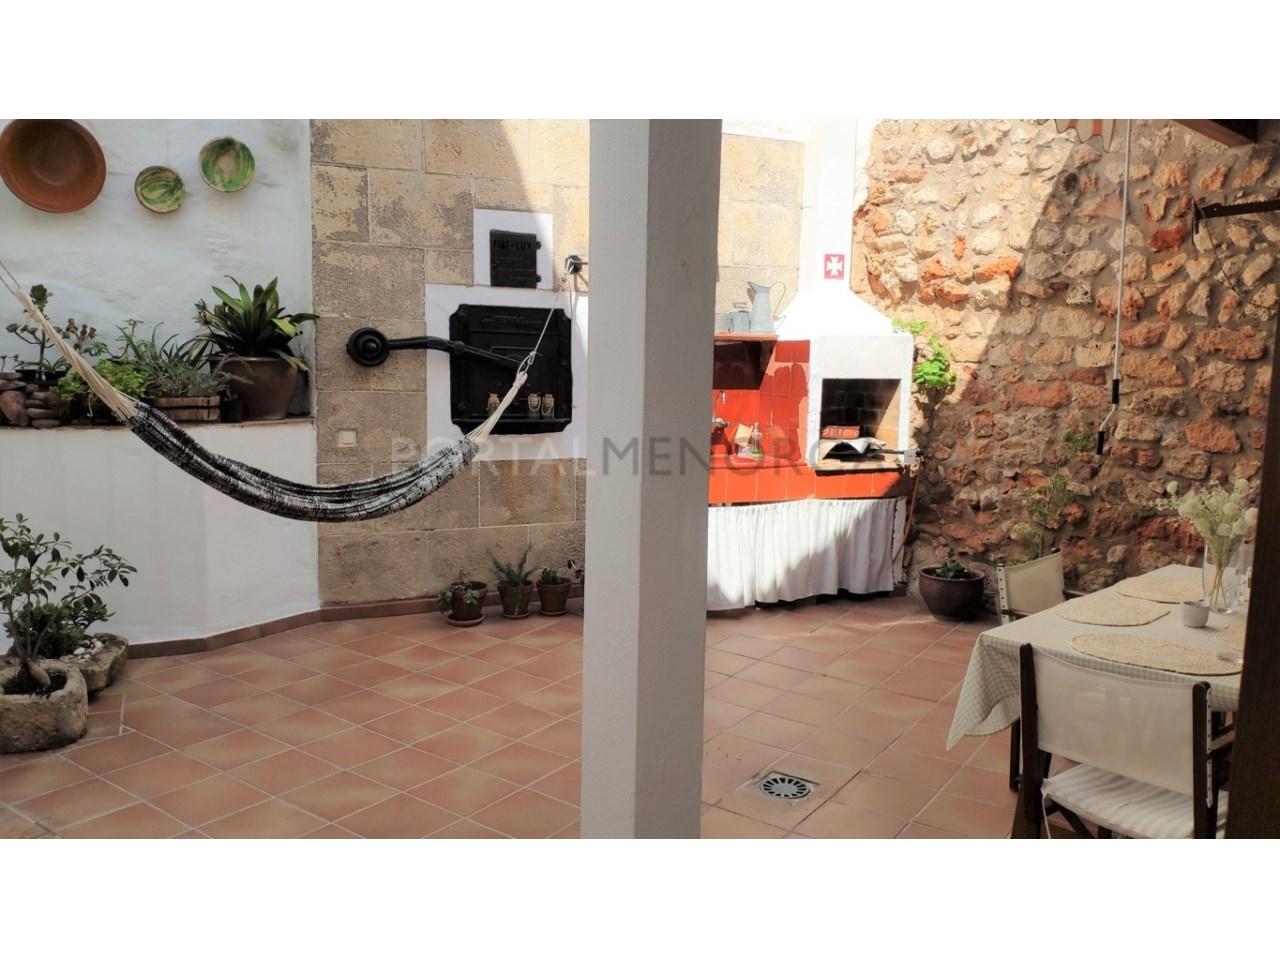 Casa con patio en venta en el casco histórico de Ciutadella - patio 3